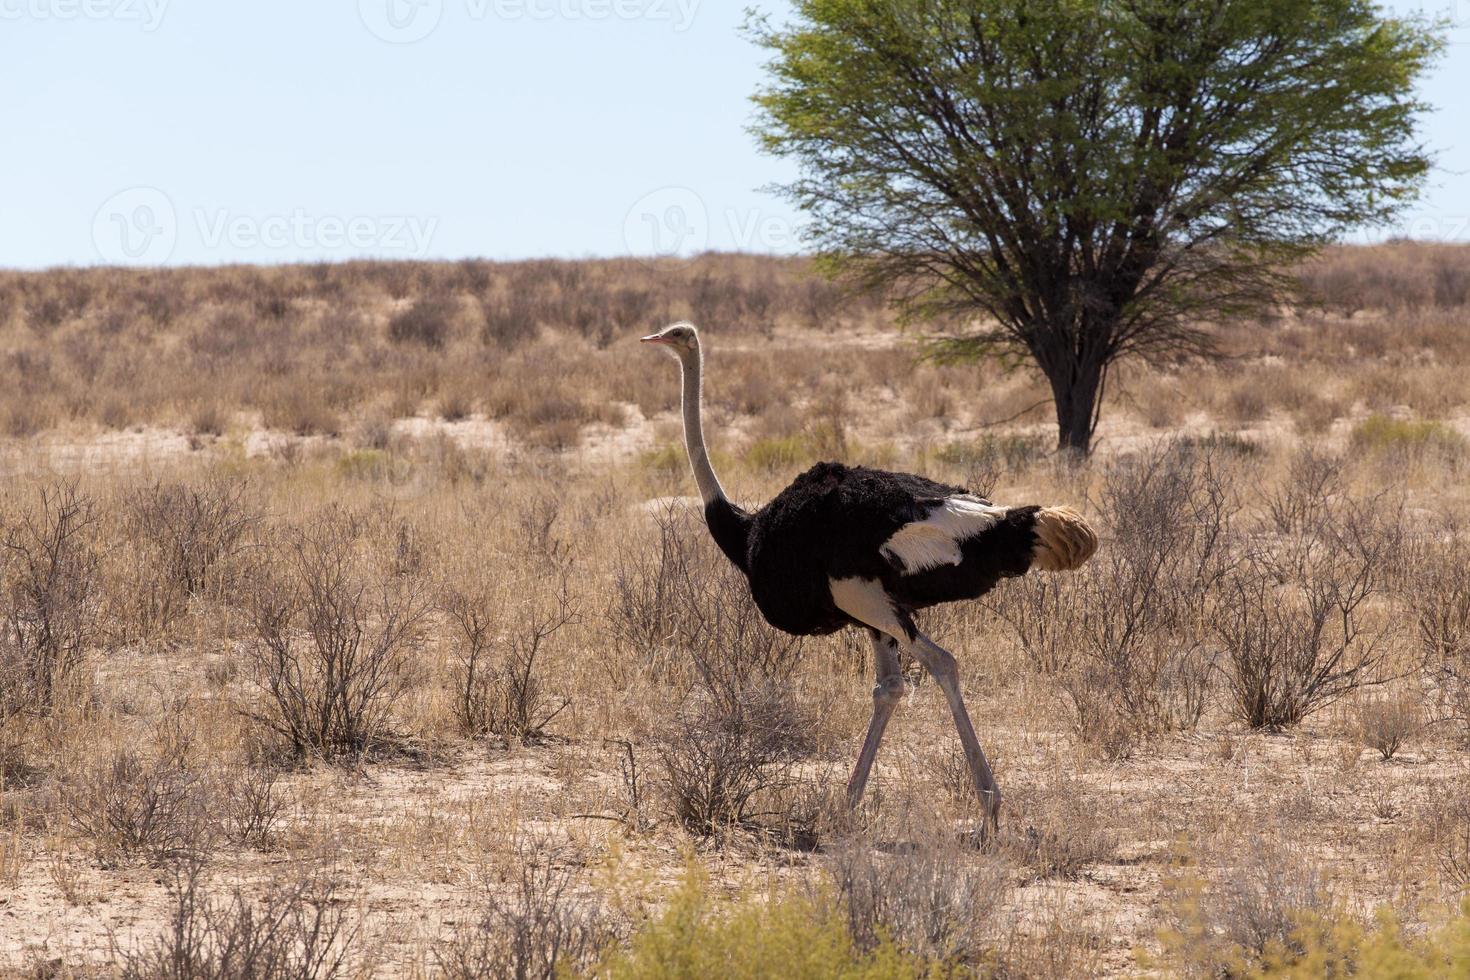 avestruz struthio camelus, em kgalagadi, áfrica do sul foto